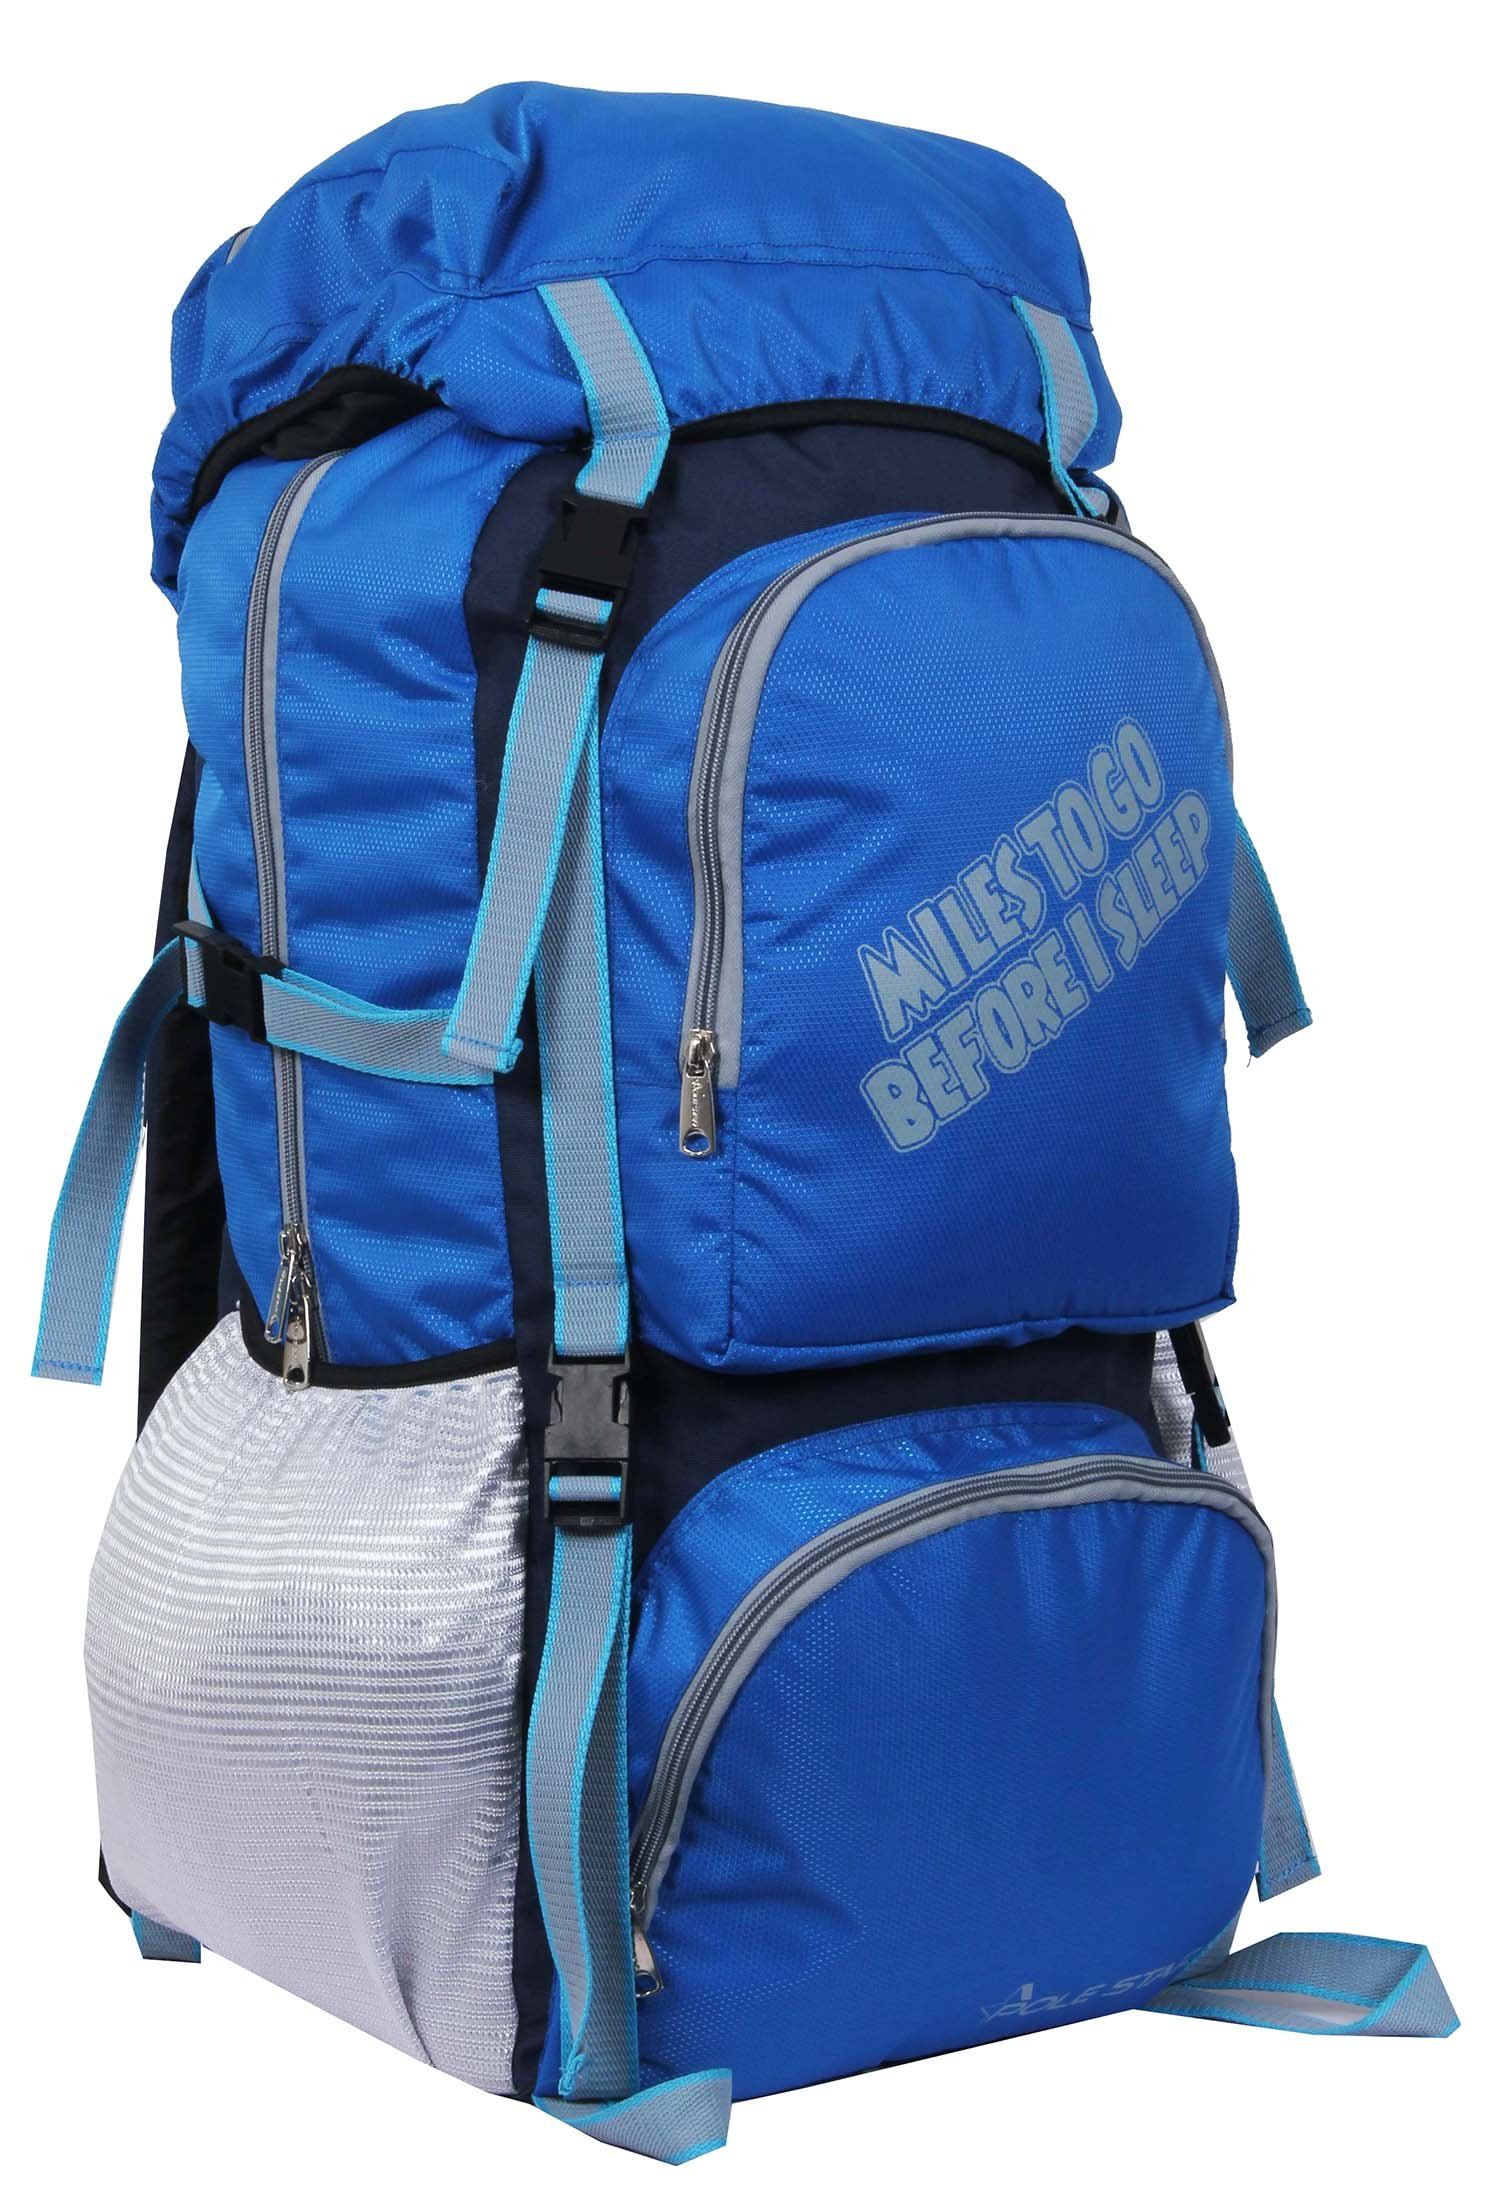 POLESTAR Rocky Polyester 60 Lt Royal Blue Rucksack/Travel/Hiking/Weekend Backpack Bag product image